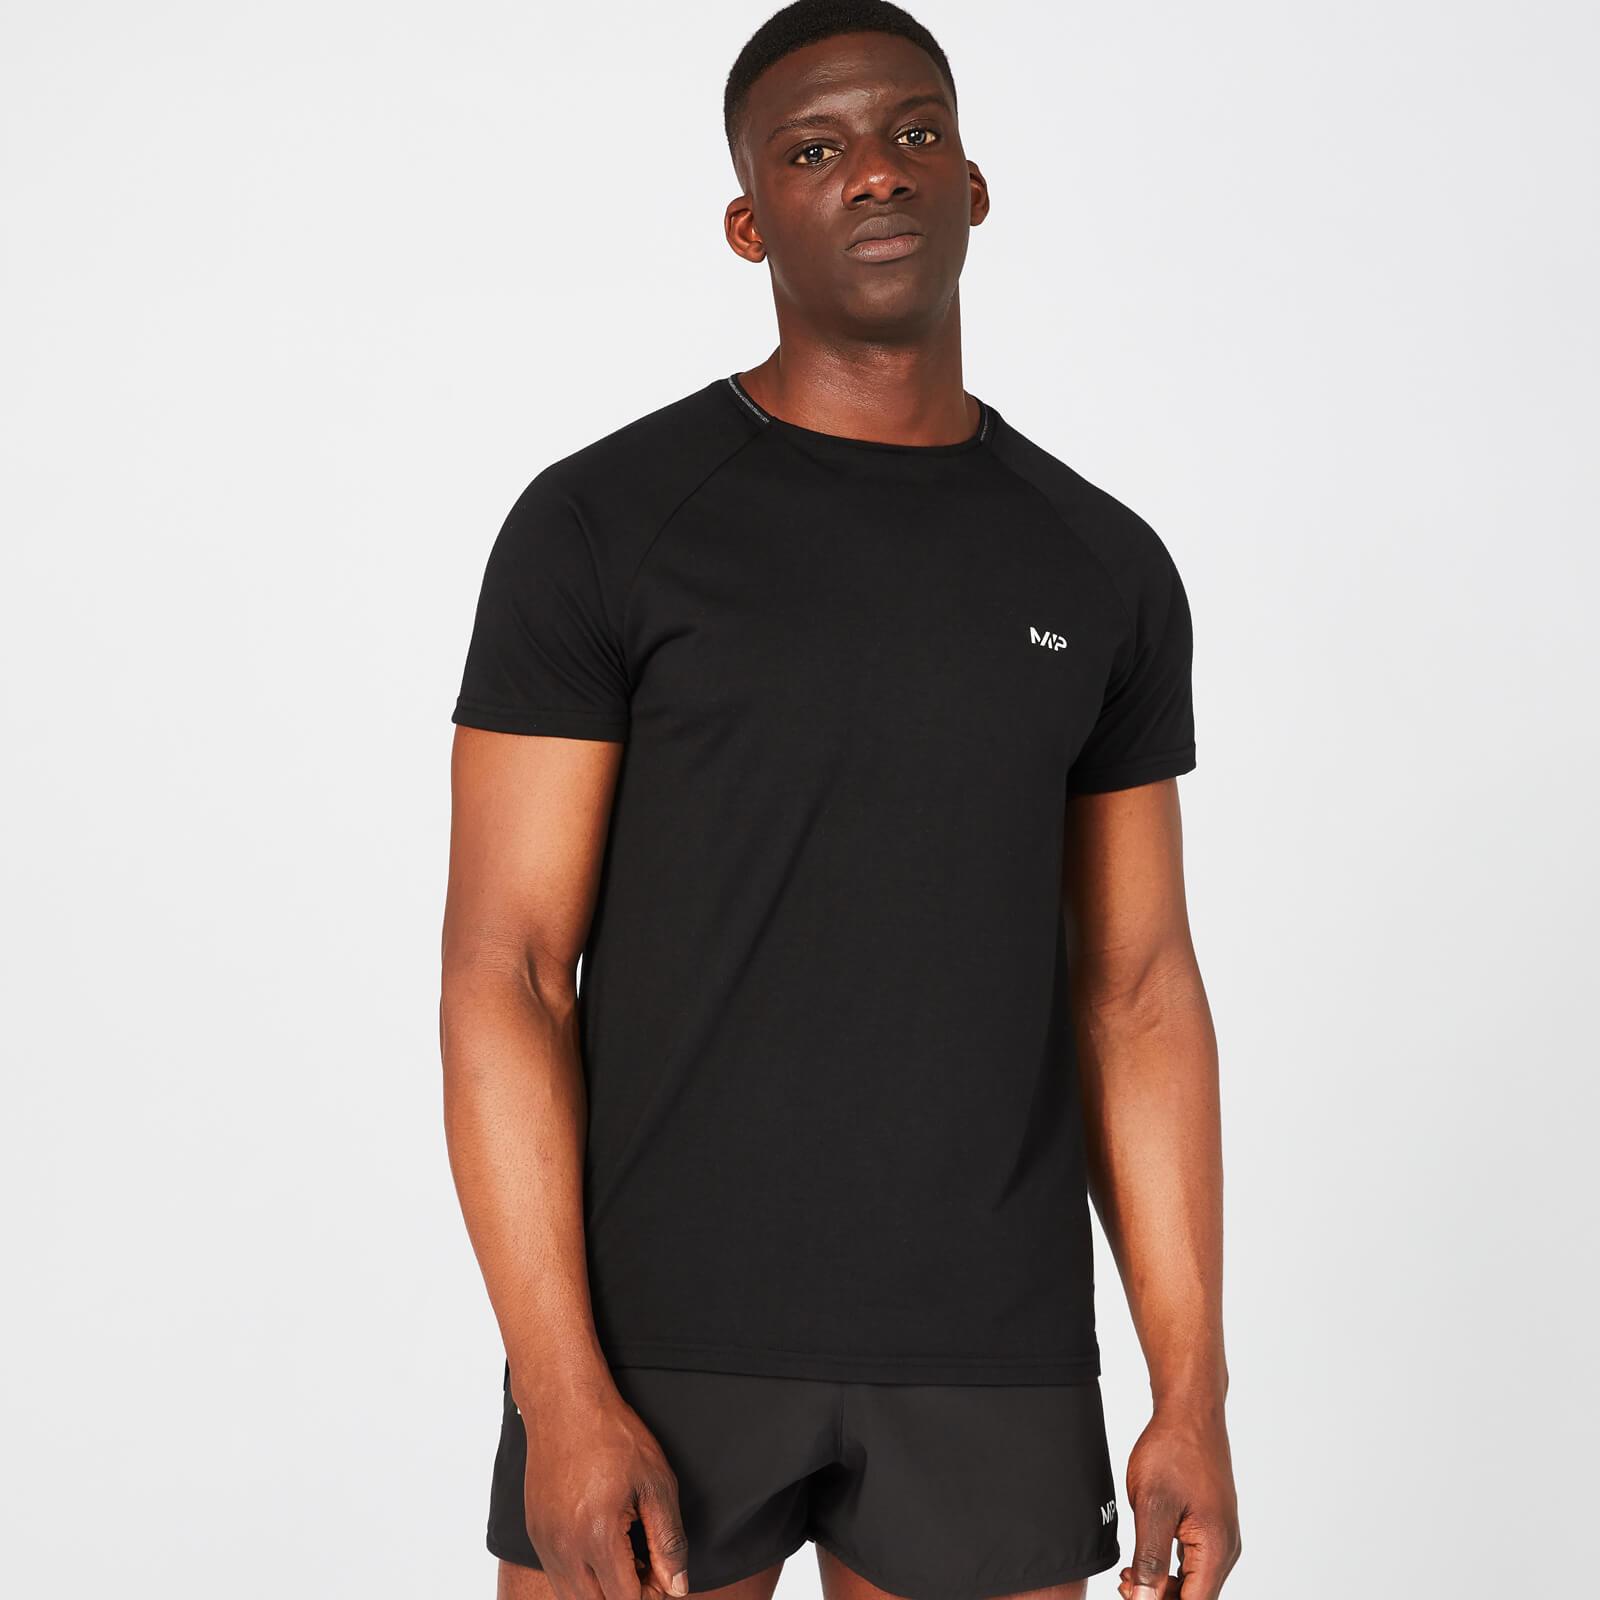 Myprotein MP Pace T-Shirt - Black - M